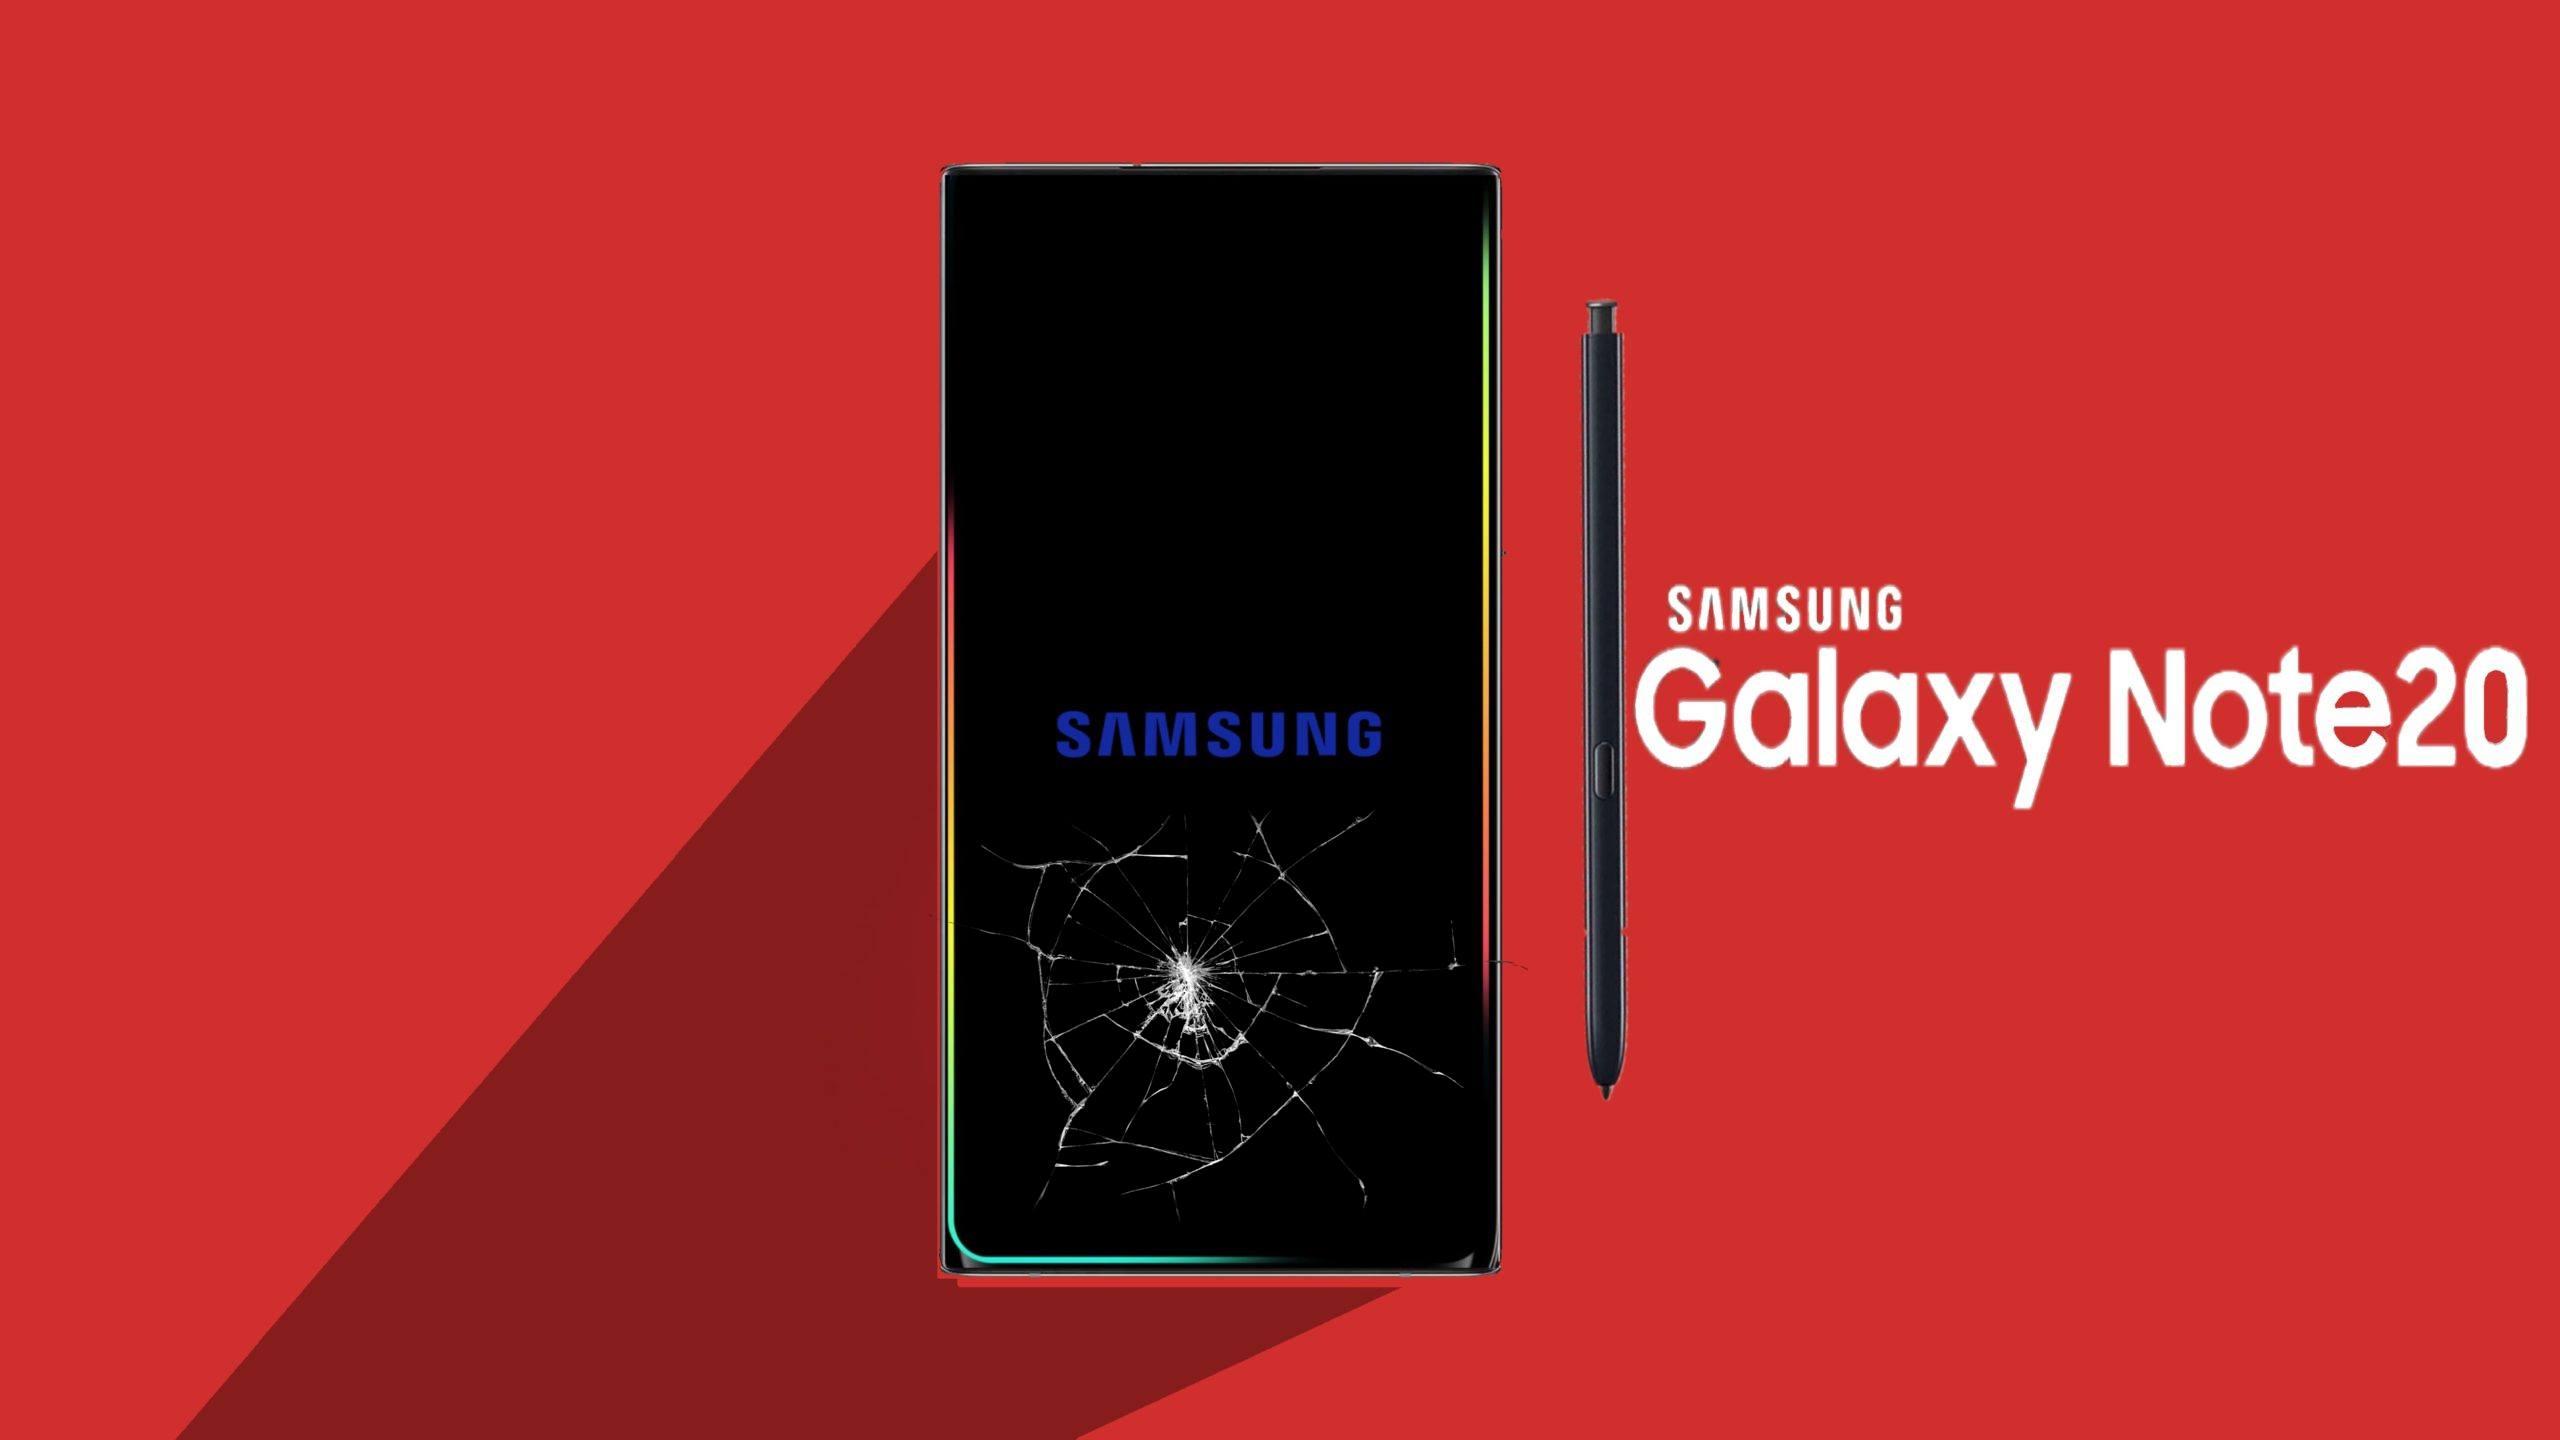 samsung-galaxy-note-20-orjinal-ekran-fiyatı